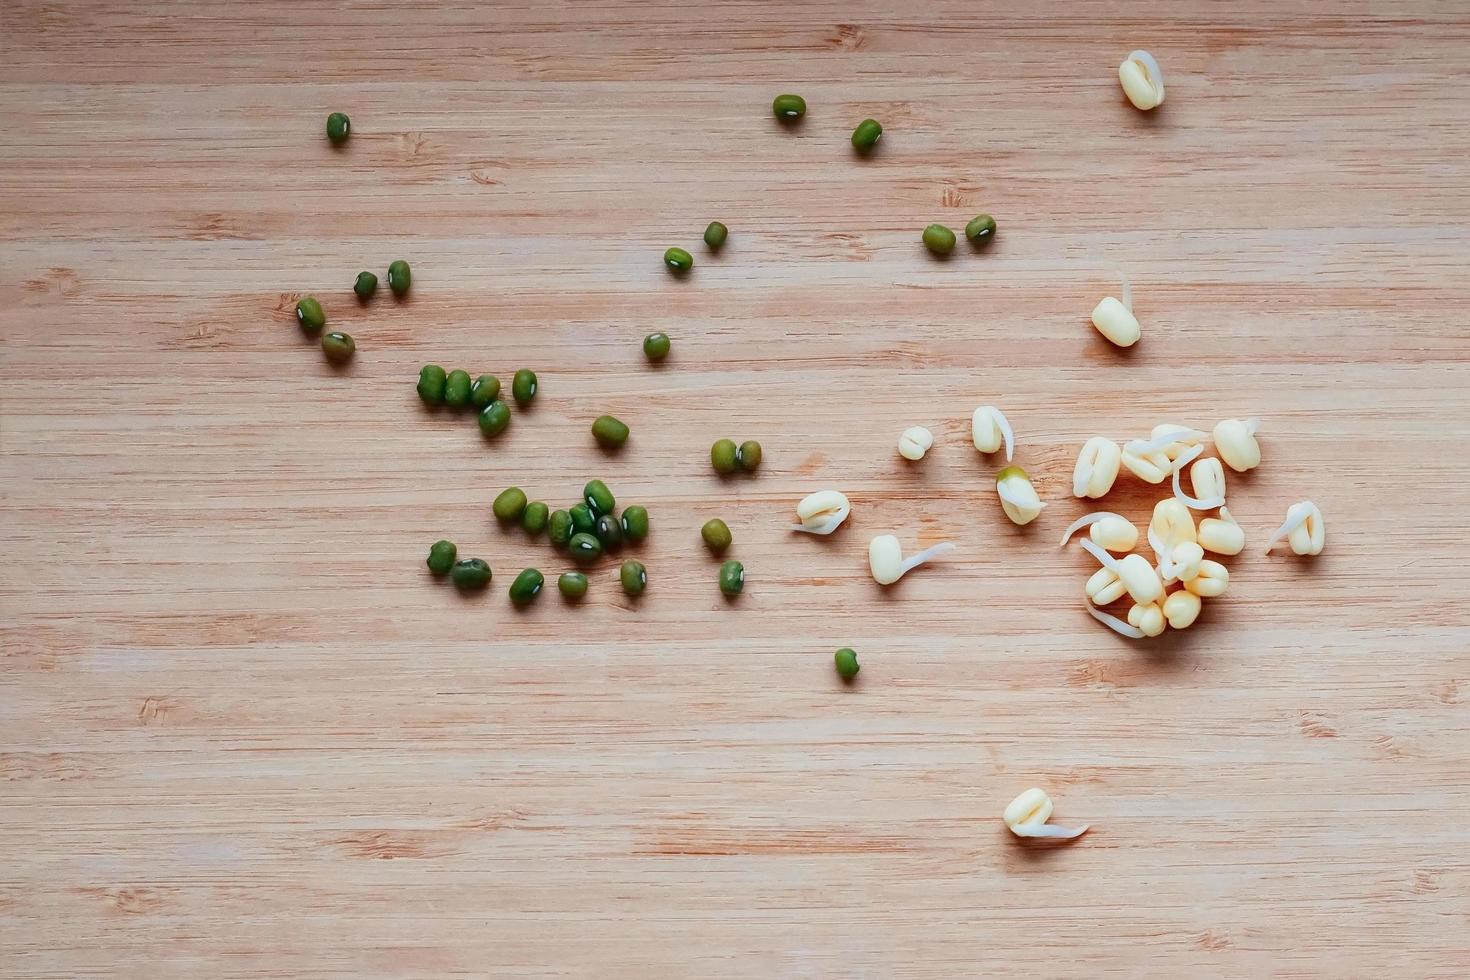 frijoles mungo y sus brotes en la mesa, vista superior foto